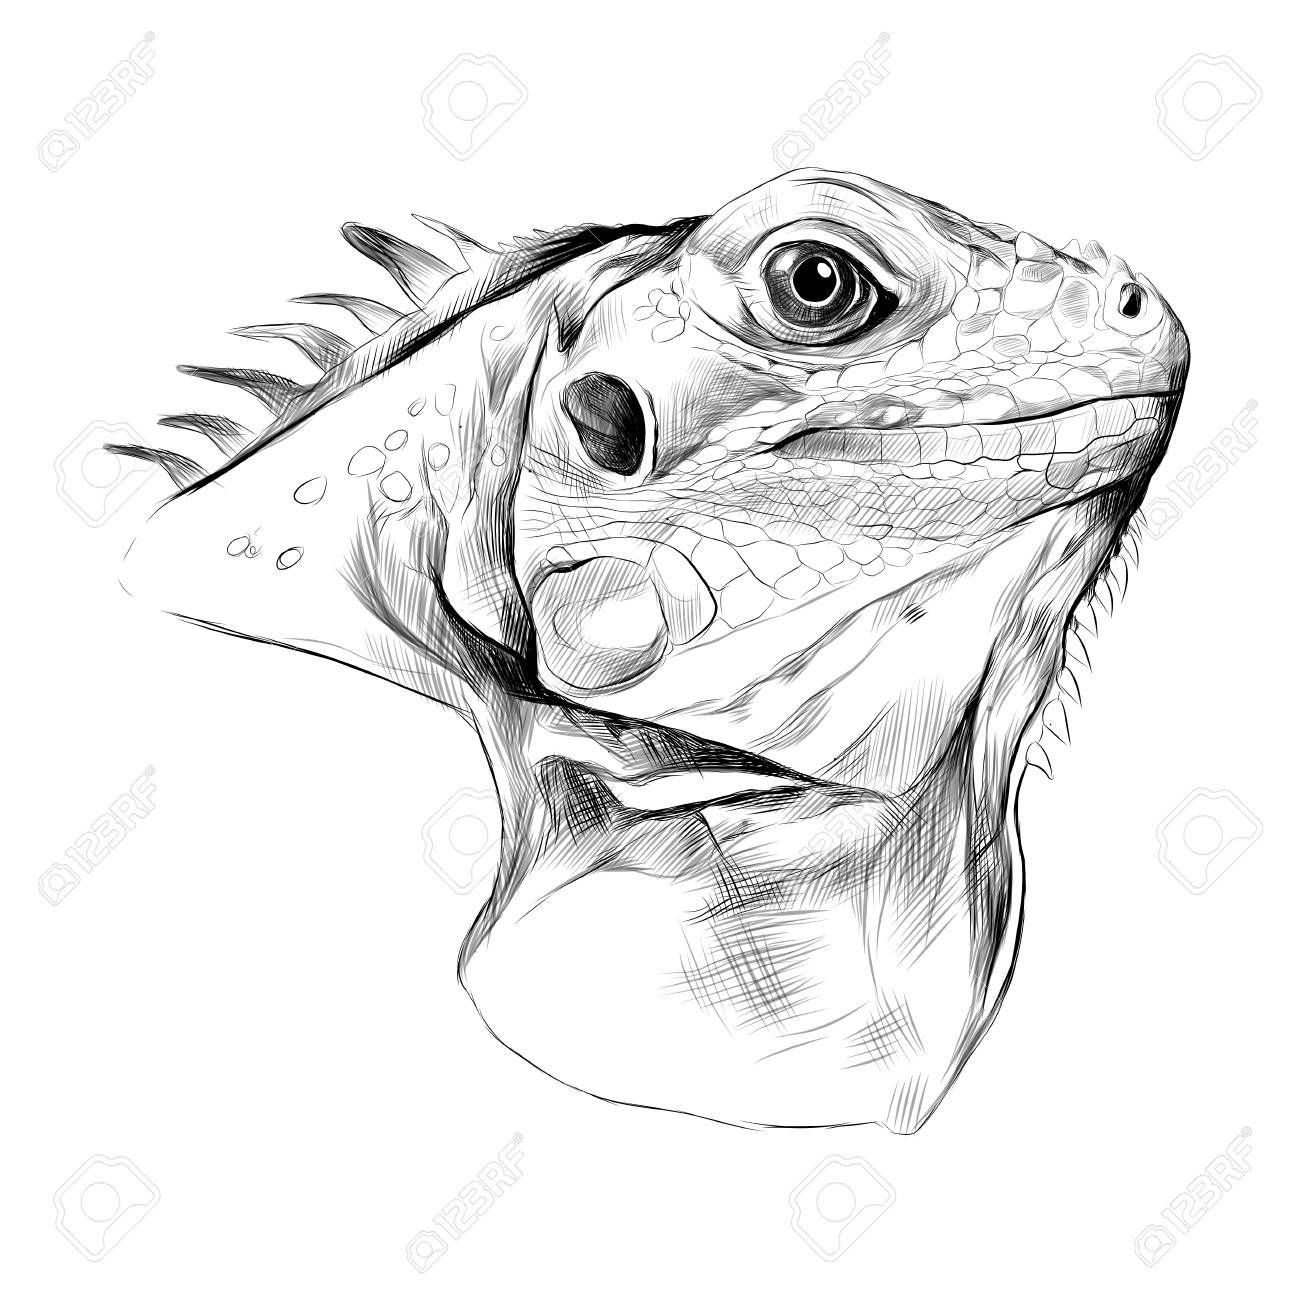 Profil D Iguane De Tete Croquis De Graphiques Vectoriels Noir Et Blanc Dessin Clip Art Libres De Droits Vecteurs Et Illustration Image 75341888